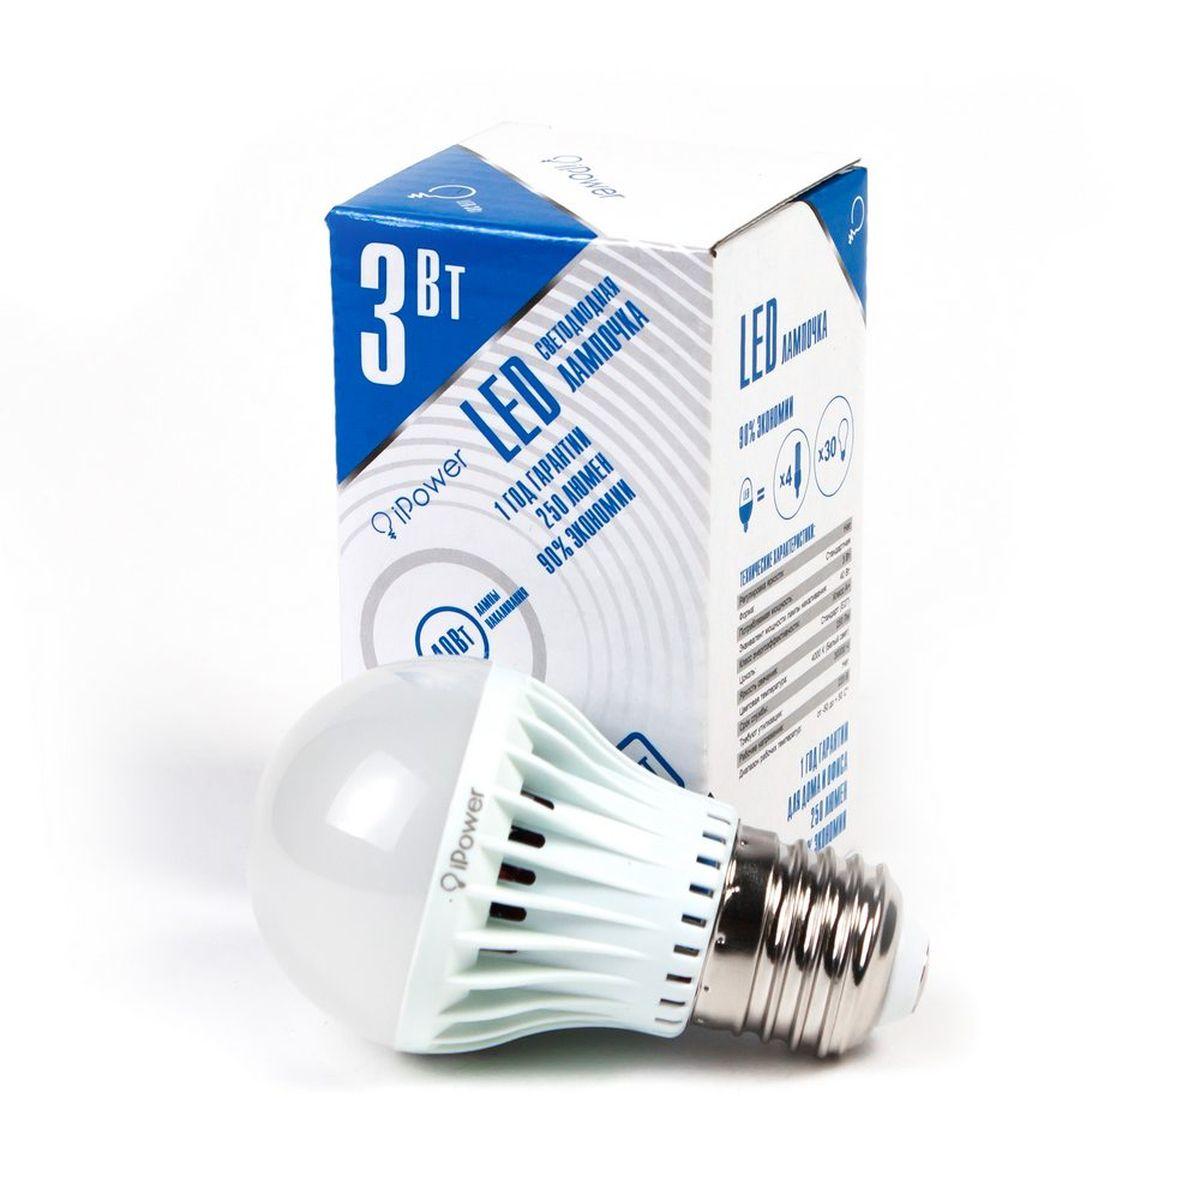 Лампа светодиодная iPower, цоколь Е27, 3W, 4000К1001947Светодиодная лампа iPower имеет очень низкое энергопотребление. В сравнении с лампами накаливания LED потребляет в 12 раз меньше электричества, а в сравнении с энергосберегающими - в 2-4 раза меньше. При этом срок службы LED лампочки в 5 раз выше, чем энергосберегающей, и в 50 раз выше, чем у лампы накаливания. Светодиодная лампа iPower создает мягкий рассеивающий свет без мерцаний, что совершенно безопасно для глаз. Она специально разработана по требованиям российских и европейских законов и подходит ко всем осветительным устройствам, совместимым со стандартным цоколем E27. Использование светодиодов от мирового лидера Epistar - это залог надежной и стабильной работы лампы. Нейтральный белый оттенок свечения идеально подойдёт для освещения, как офисов, образовательных и медицинских учреждений, так и кухни, гостиной. Диапазон рабочих температур: от -50°C до +50°С. Материал: поликарбонат. Потребляемая мощность: 3 Вт. Рабочее напряжение: В 220В. ...